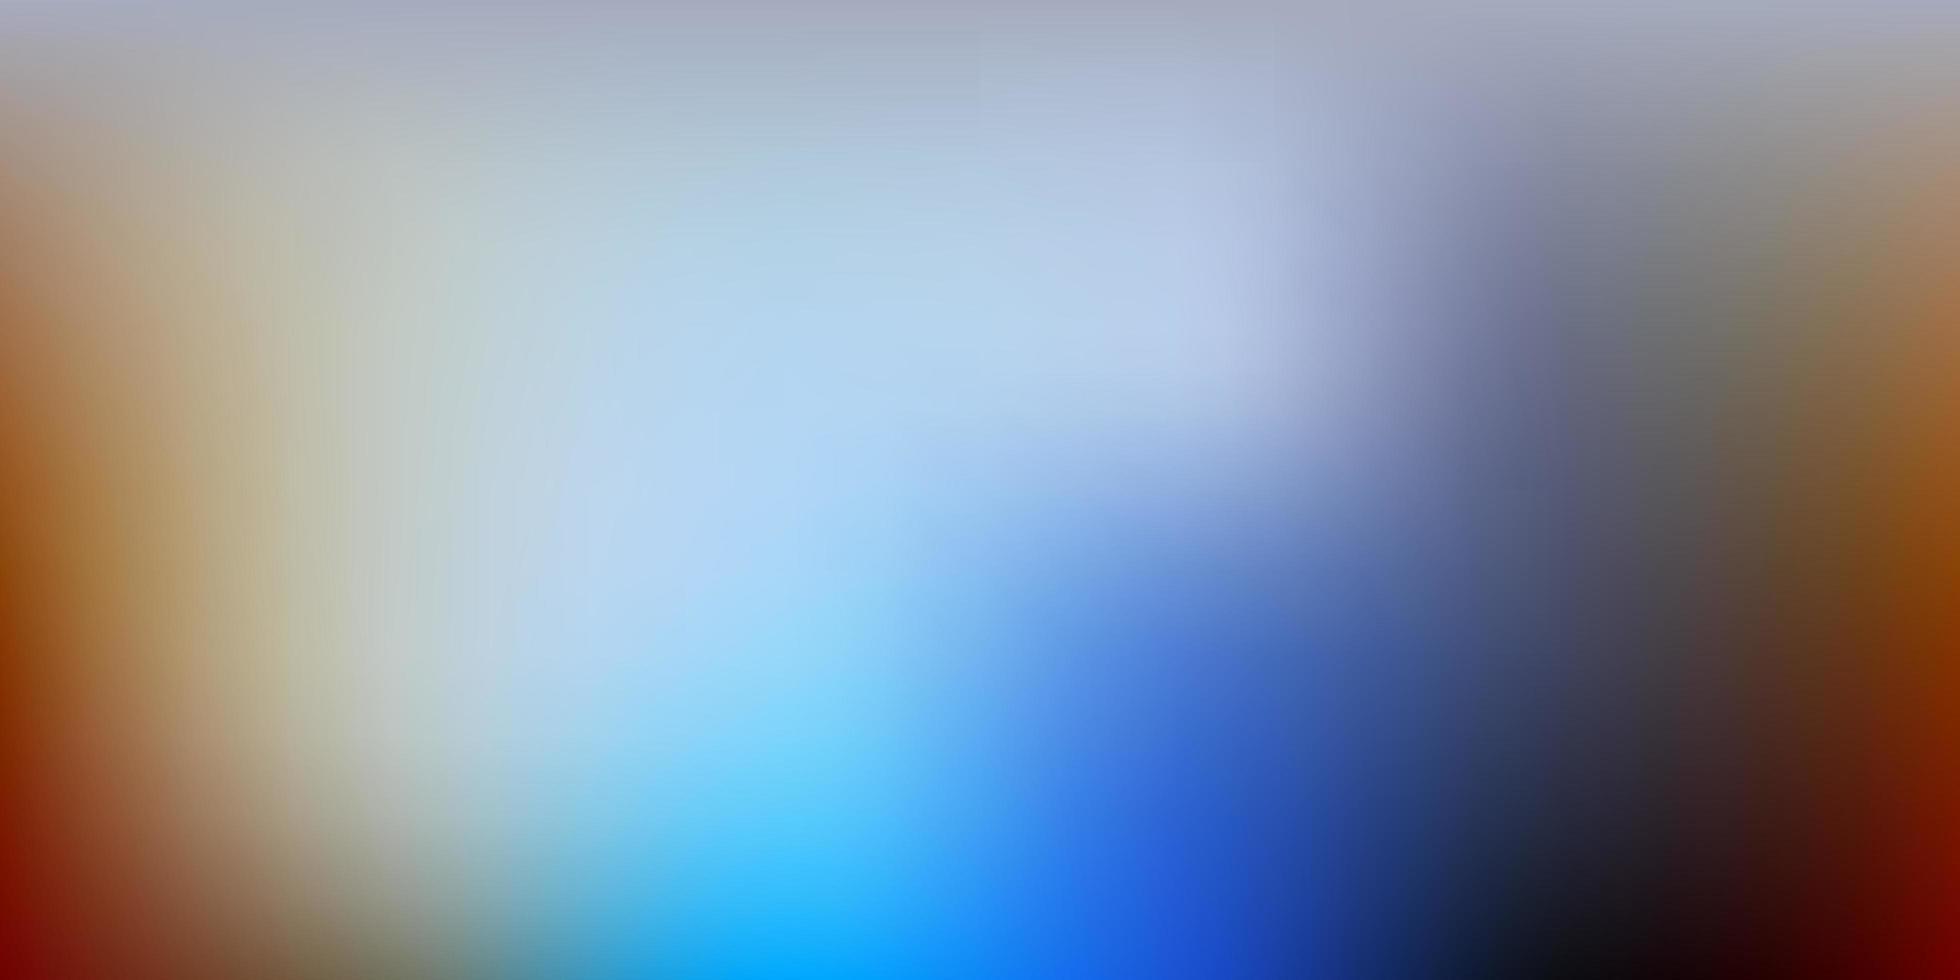 pano de fundo desfocado vector azul e amarelo claro.